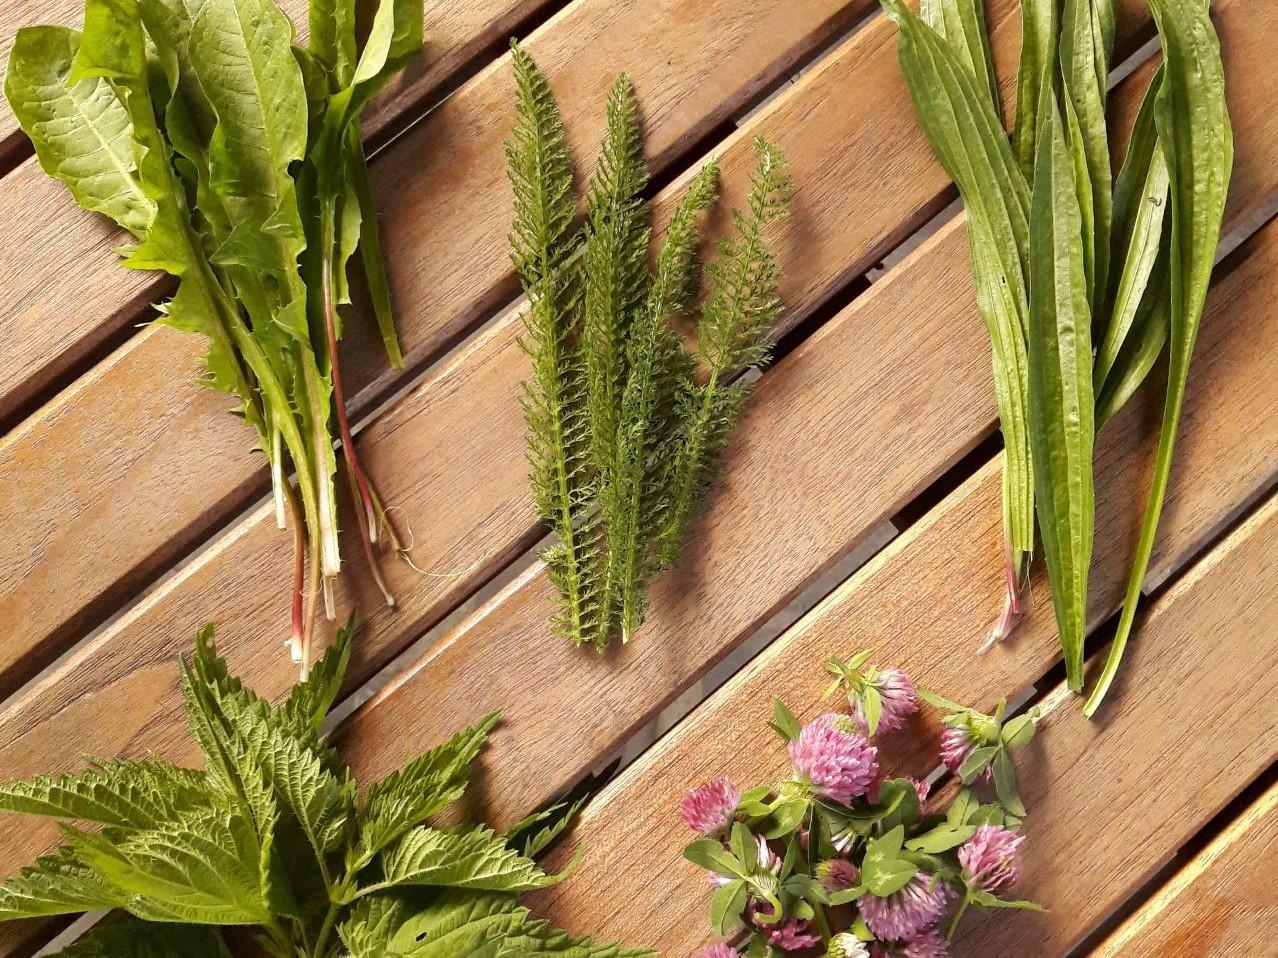 plante medicinale pentru tratarea articulațiilor și oaselor unguente pentru întinderea articulației umărului